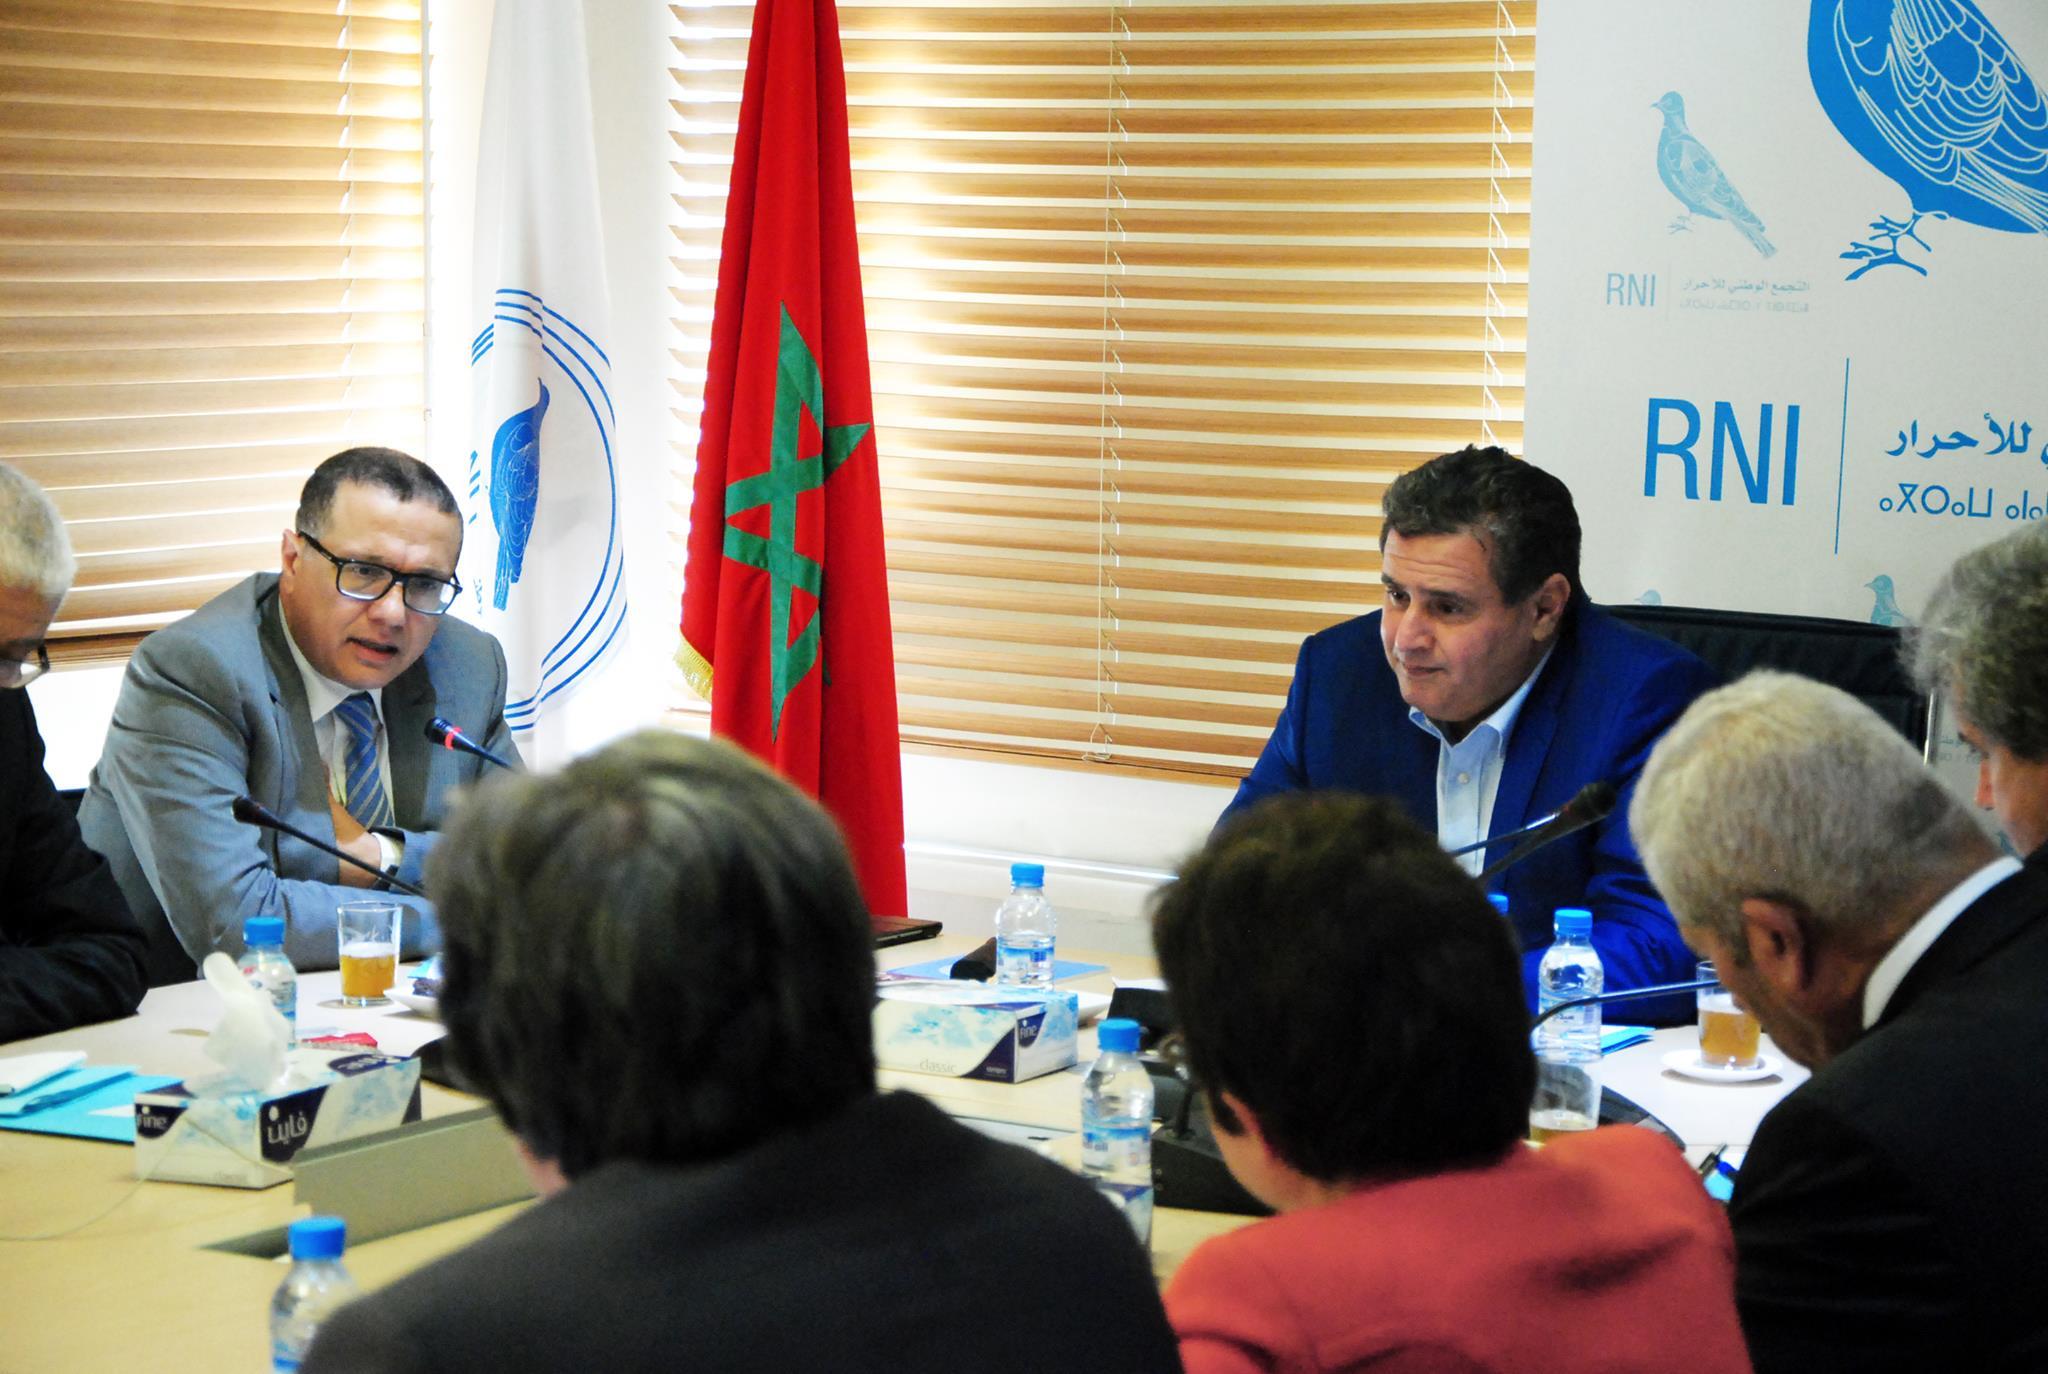 المكتب السياسي لحزب التجمع الوطني للأحرار يجتمع للحسم في دخول الحكومة